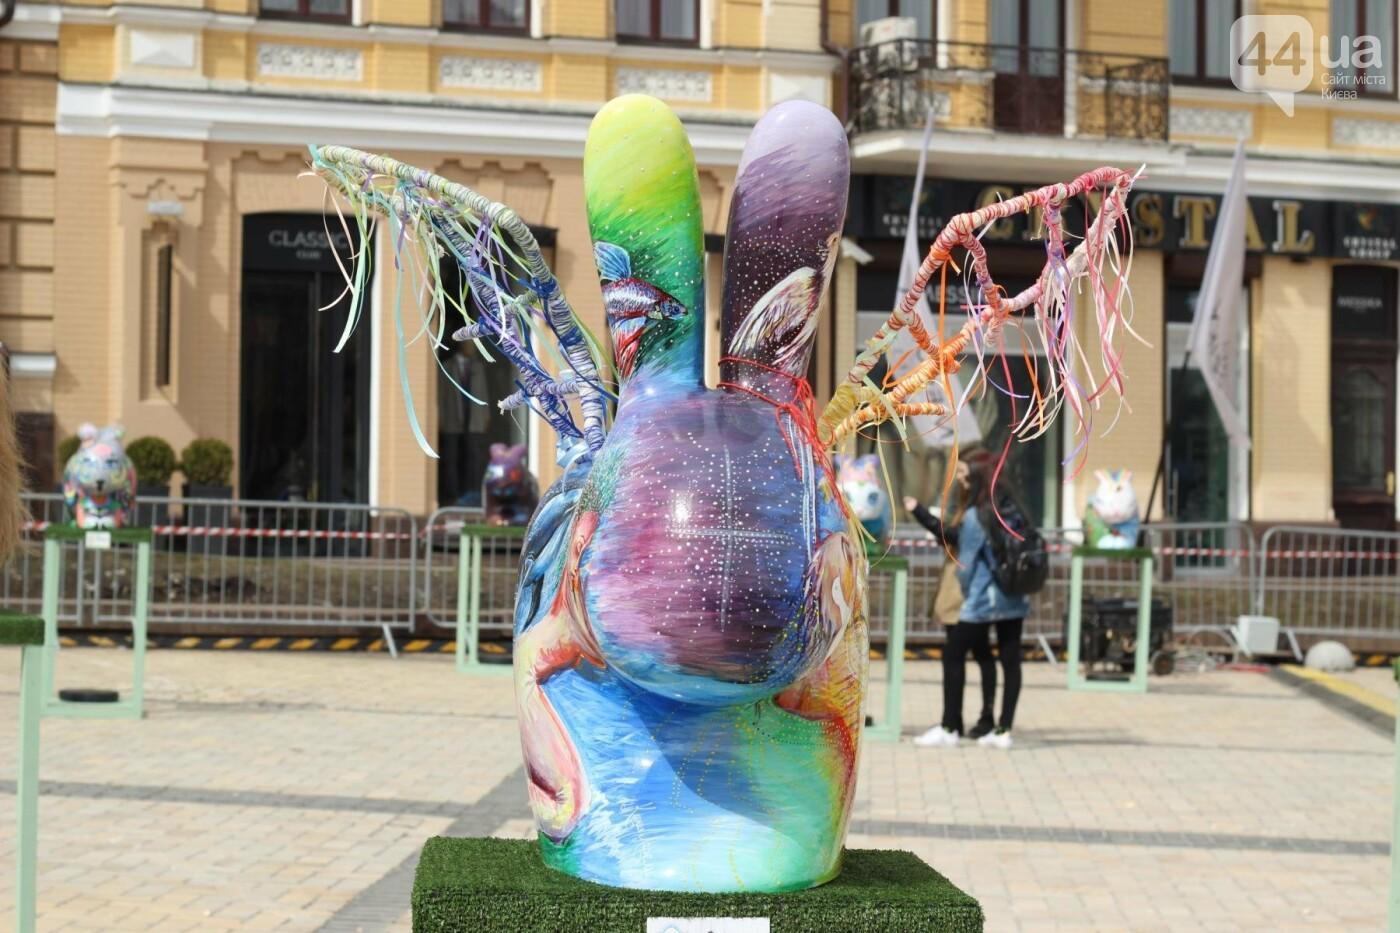 Писанки и кролики: как на Софийской площади проходит Пасхальный фестиваль, фото-49